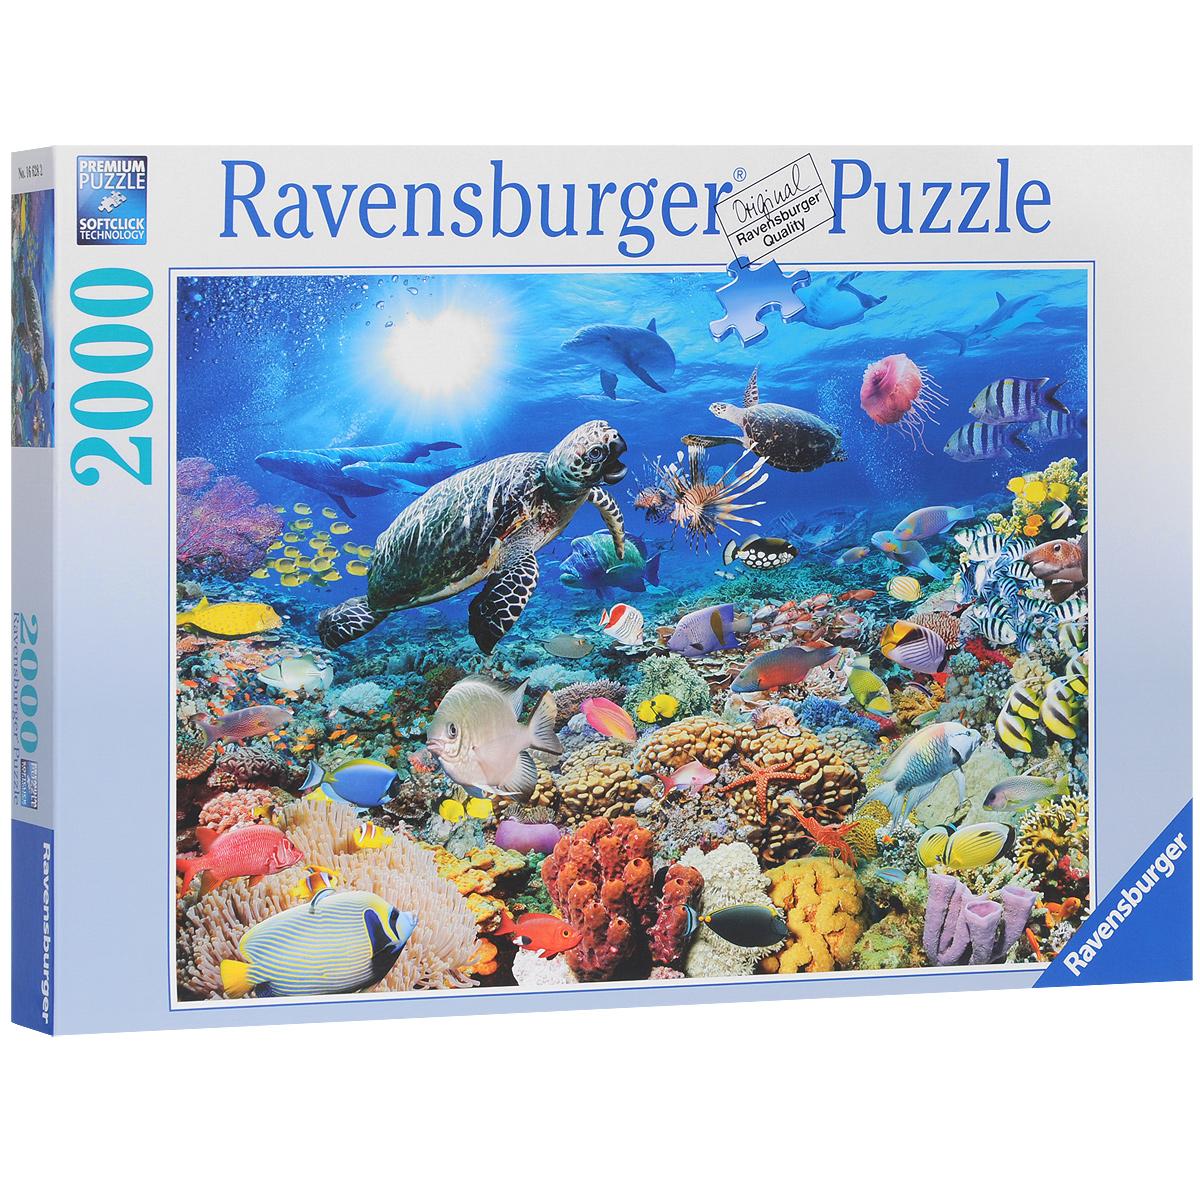 Ravensburger Подводный мир. Пазл, 2000 элементов166282Пазл Ravensburger Подводный мир, без сомнения, придется вам по душе. Собрав этот пазл, включающий в себя 2000 элементов, вы получите великолепную картину с изображением подводных обитателей. Каждая деталь имеет свою форму и подходит только на своё место. Нет двух одинаковых деталей! Пазл изготовлен из картона высочайшего качества. Все изображения аккуратно отсканированы и напечатаны на ламинированной бумаге. Пазл - великолепная игра для семейного досуга. Сегодня собирание пазлов стало особенно популярным, главным образом, благодаря своей многообразной тематике, способной удовлетворить самый взыскательный вкус. А для детей это не только интересно, но и полезно. Собирание пазла развивает мелкую моторику у ребенка, тренирует наблюдательность, логическое мышление, знакомит с окружающим миром, с цветом и разнообразными формами.